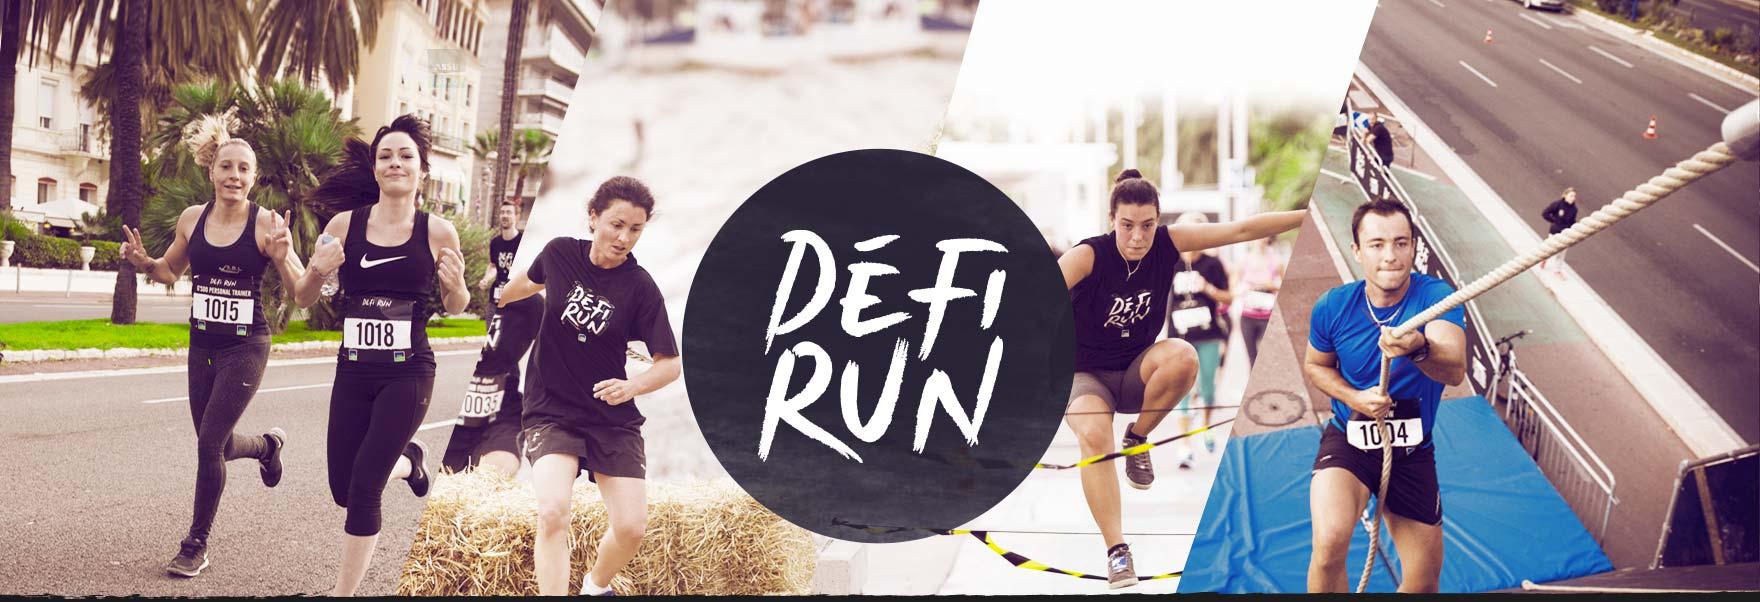 La Defi Run - Toulouse